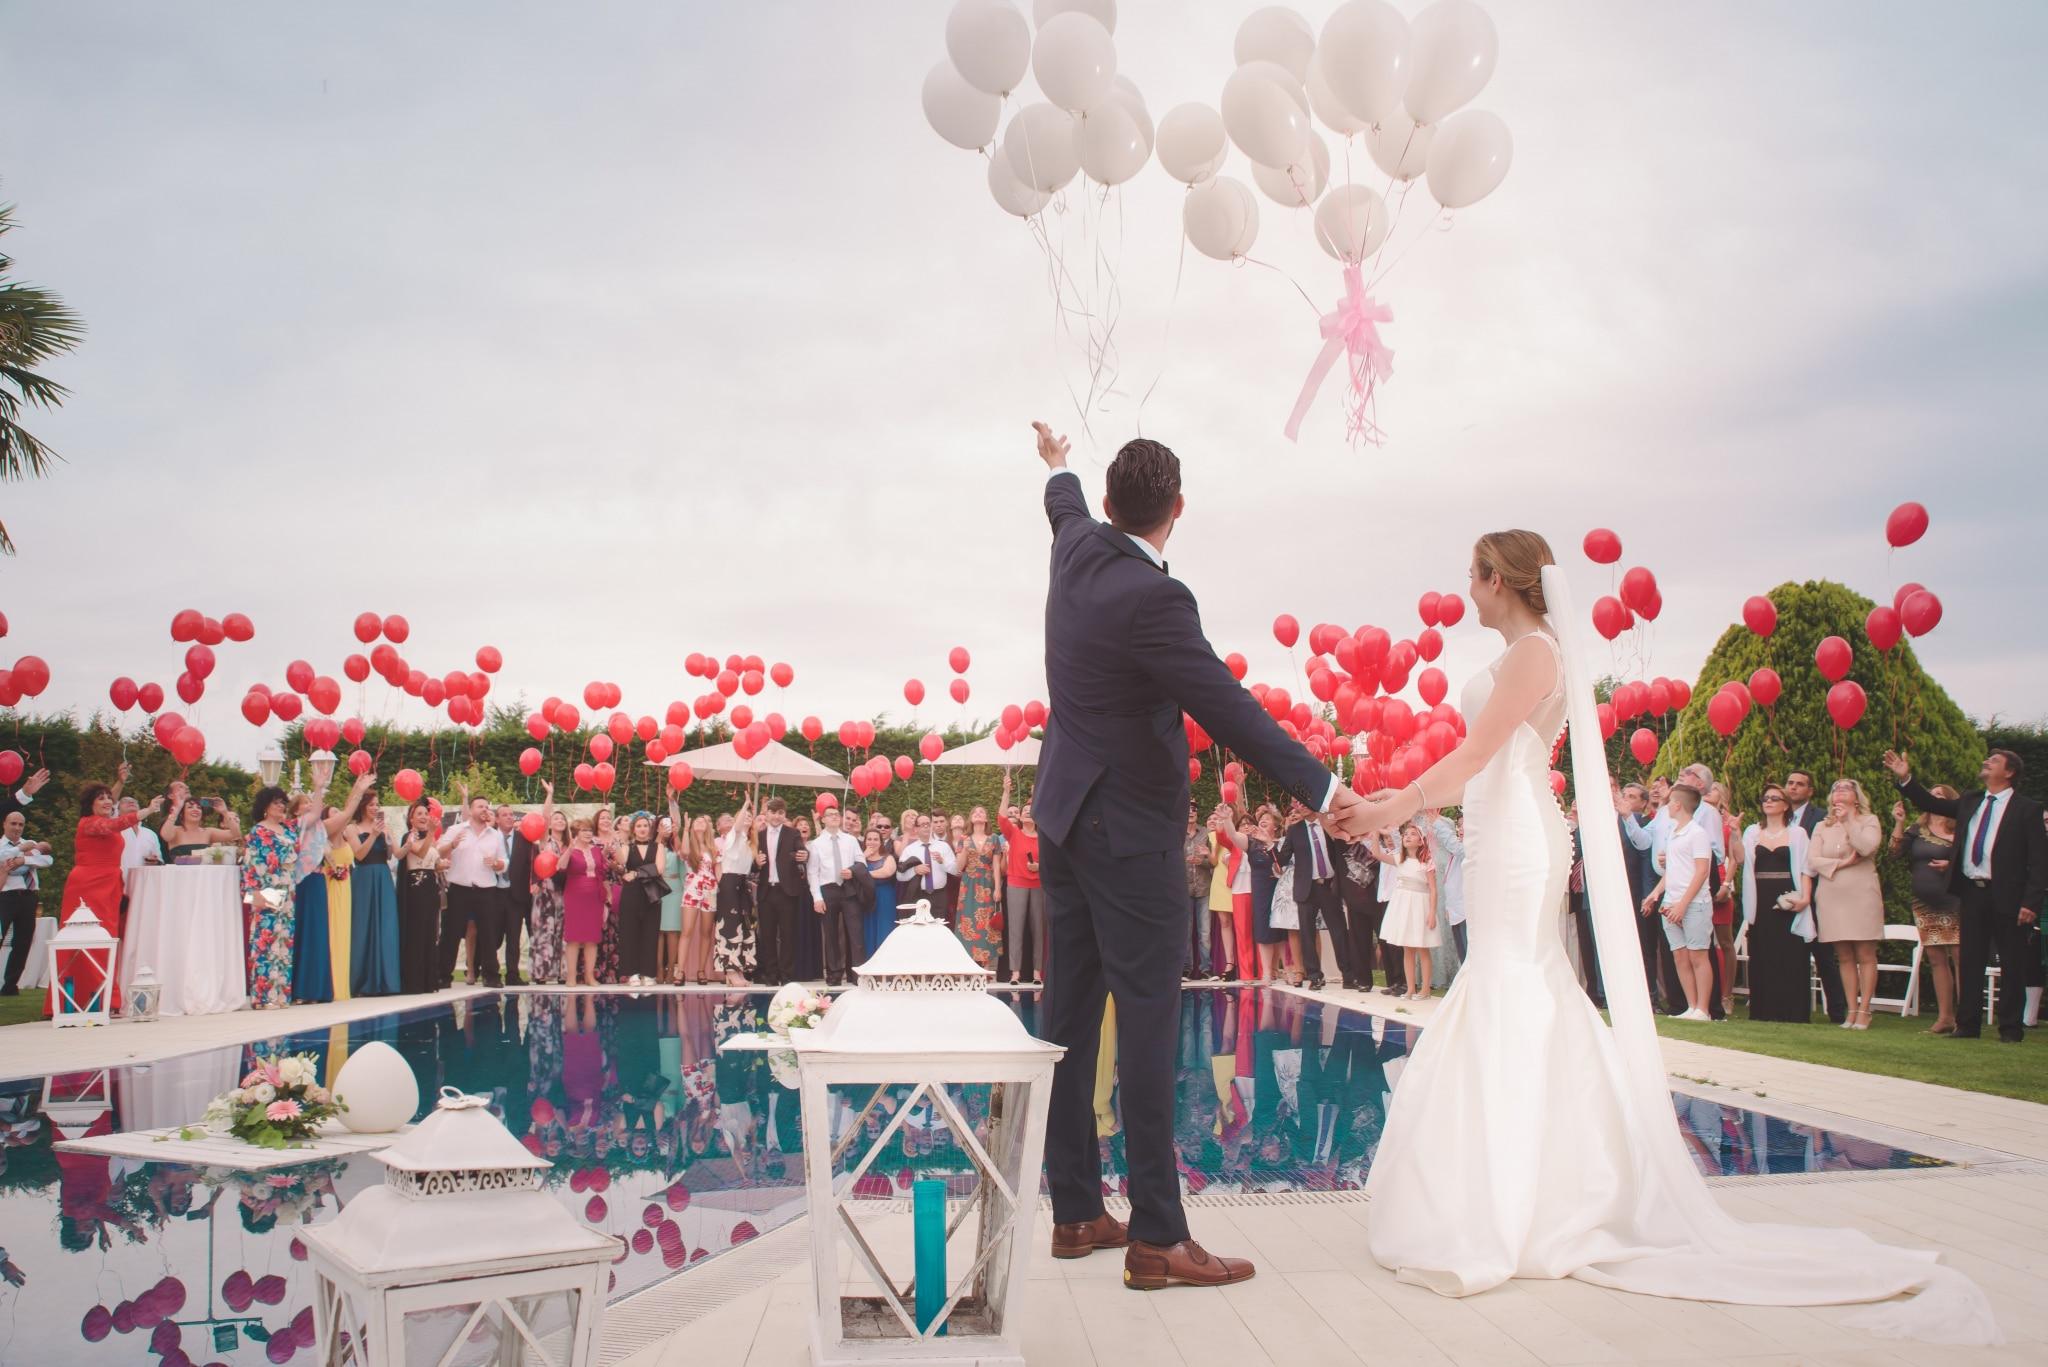 Hagyományos esküvő